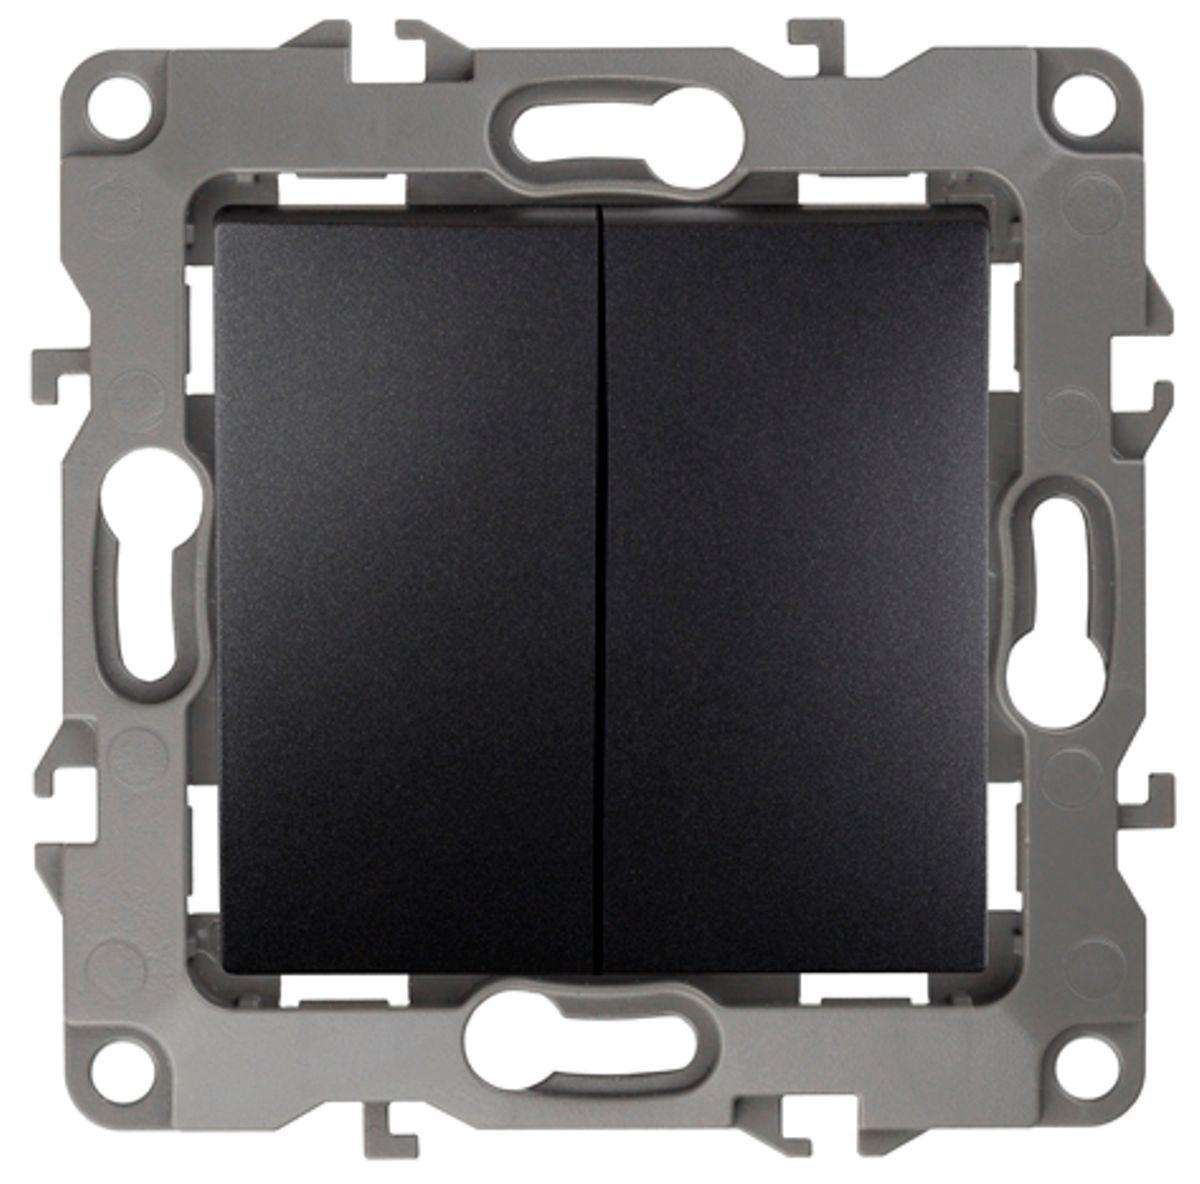 """Выключатель """"ЭРА"""", двойной, цвет: антрацит, серый. 12-1004 12-1004-05"""